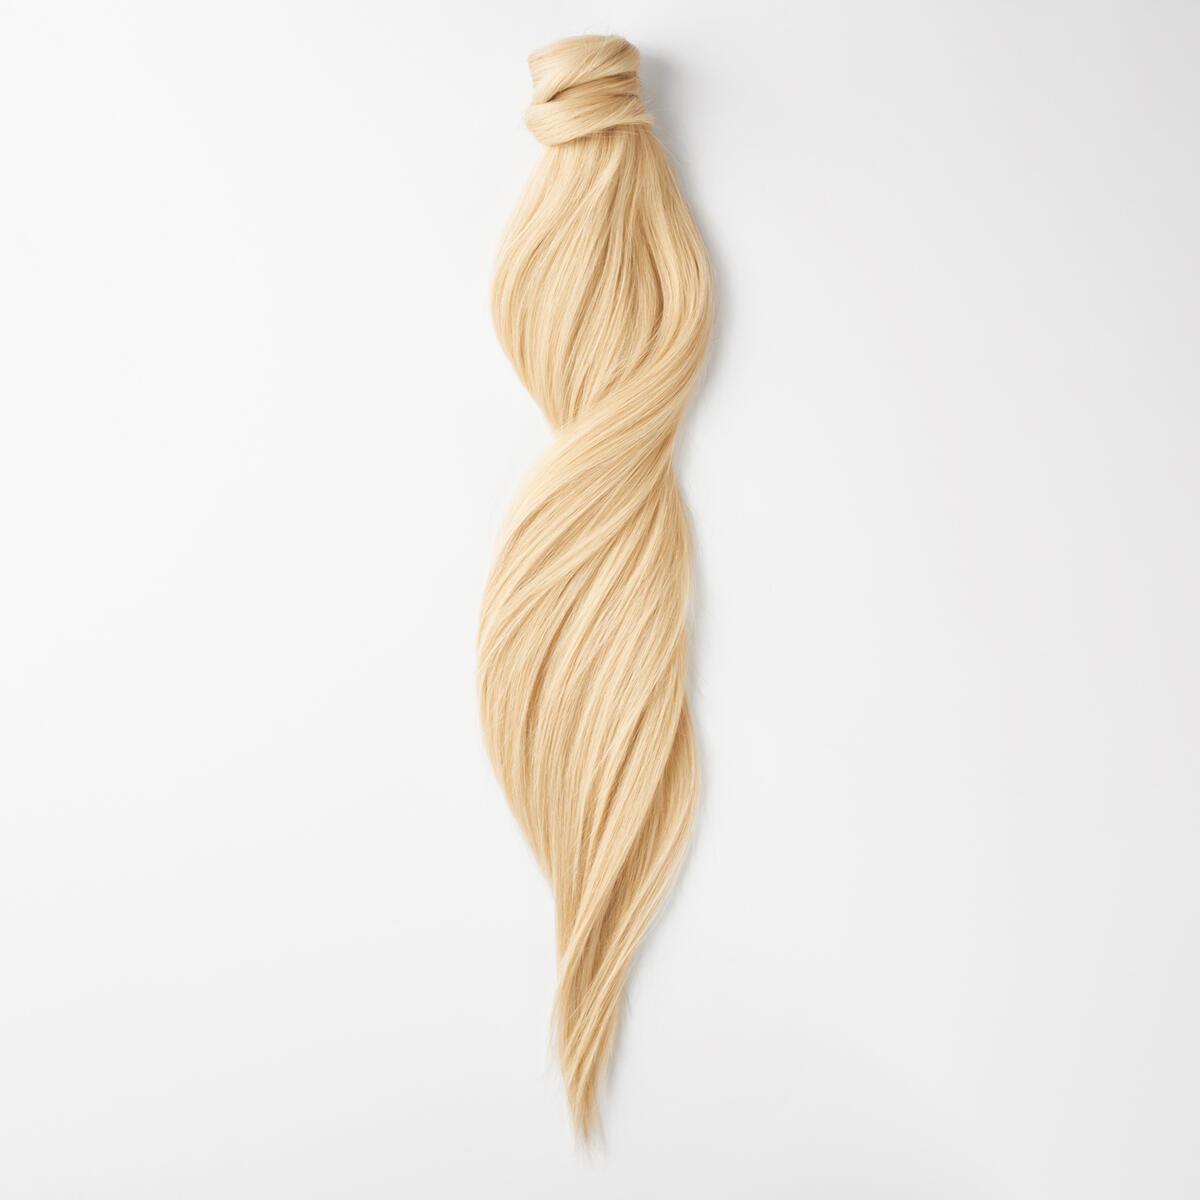 Clip-in Ponytail 8.0 Light Golden Blonde 50 cm